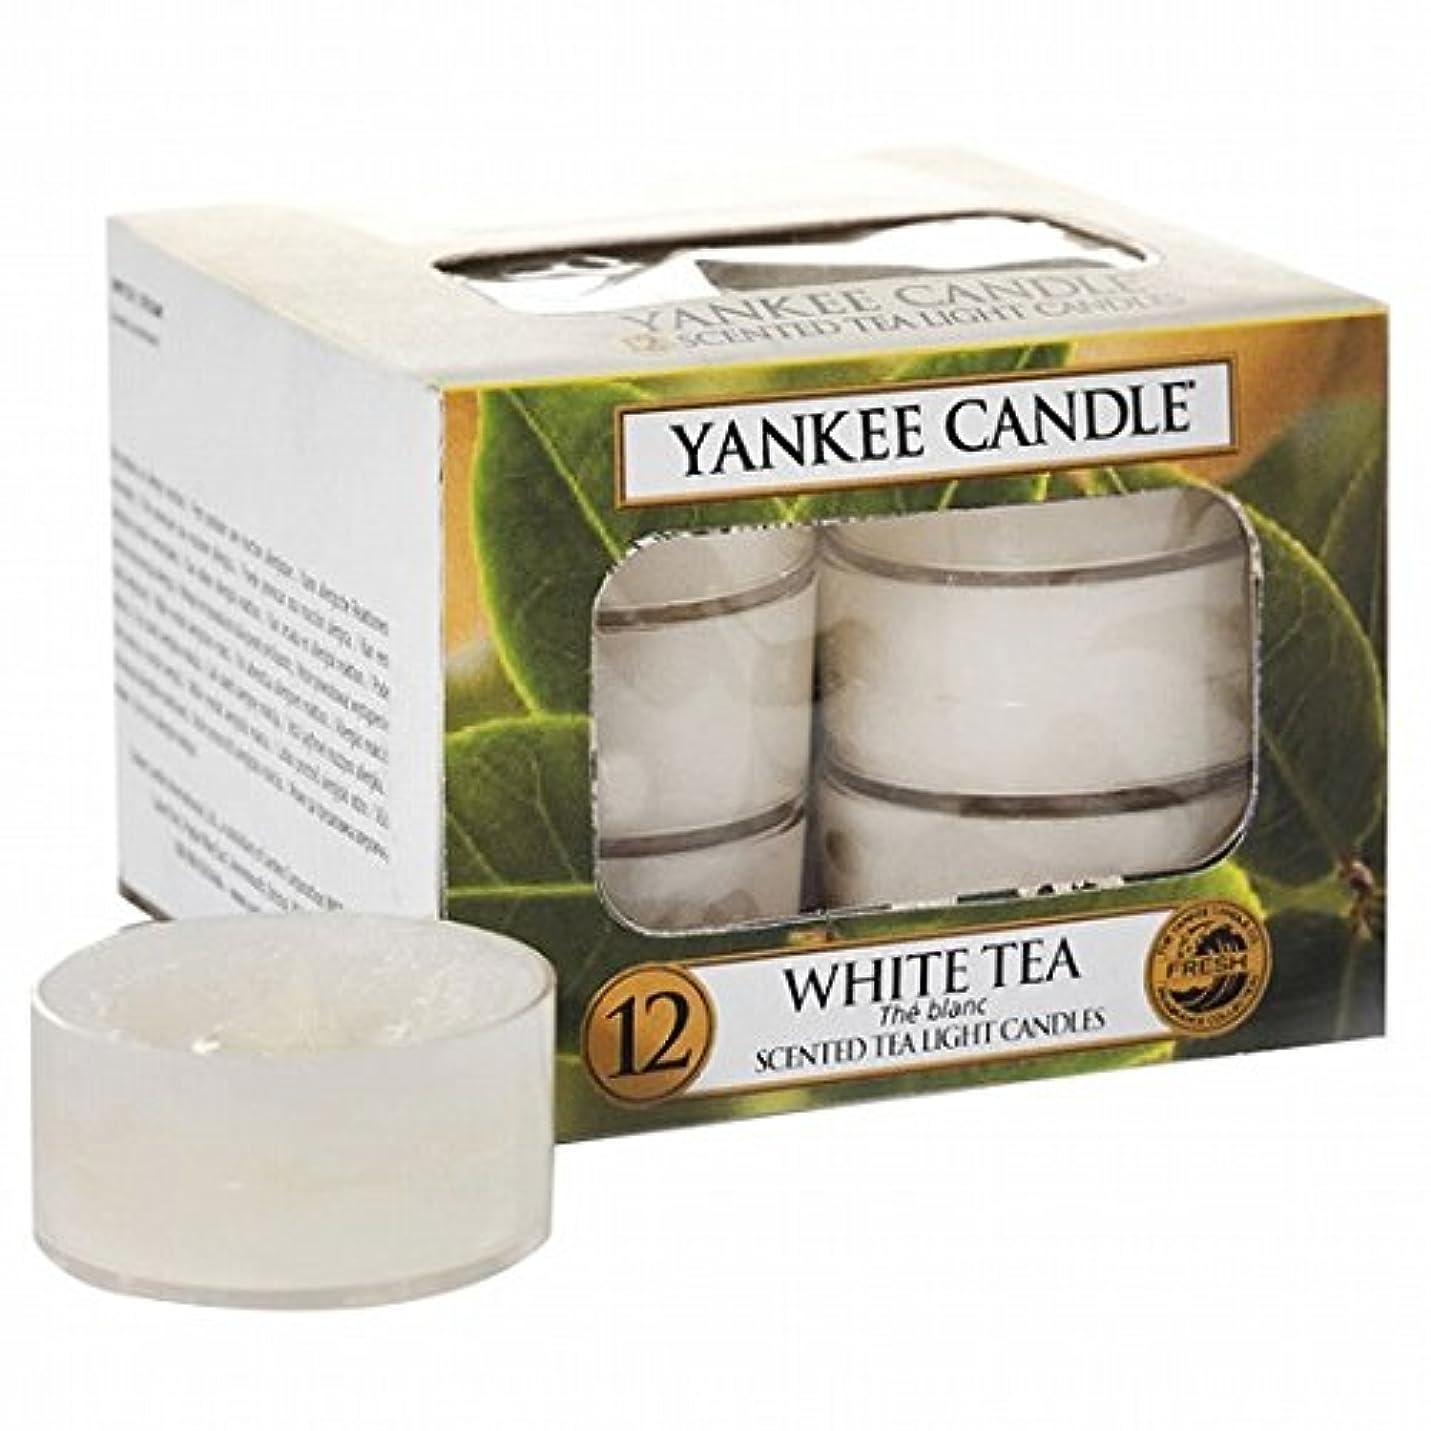 境界番号レッスンYANKEE CANDLE(ヤンキーキャンドル) YANKEE CANDLE クリアカップティーライト12個入り 「ホワイトティー」(K00505277)